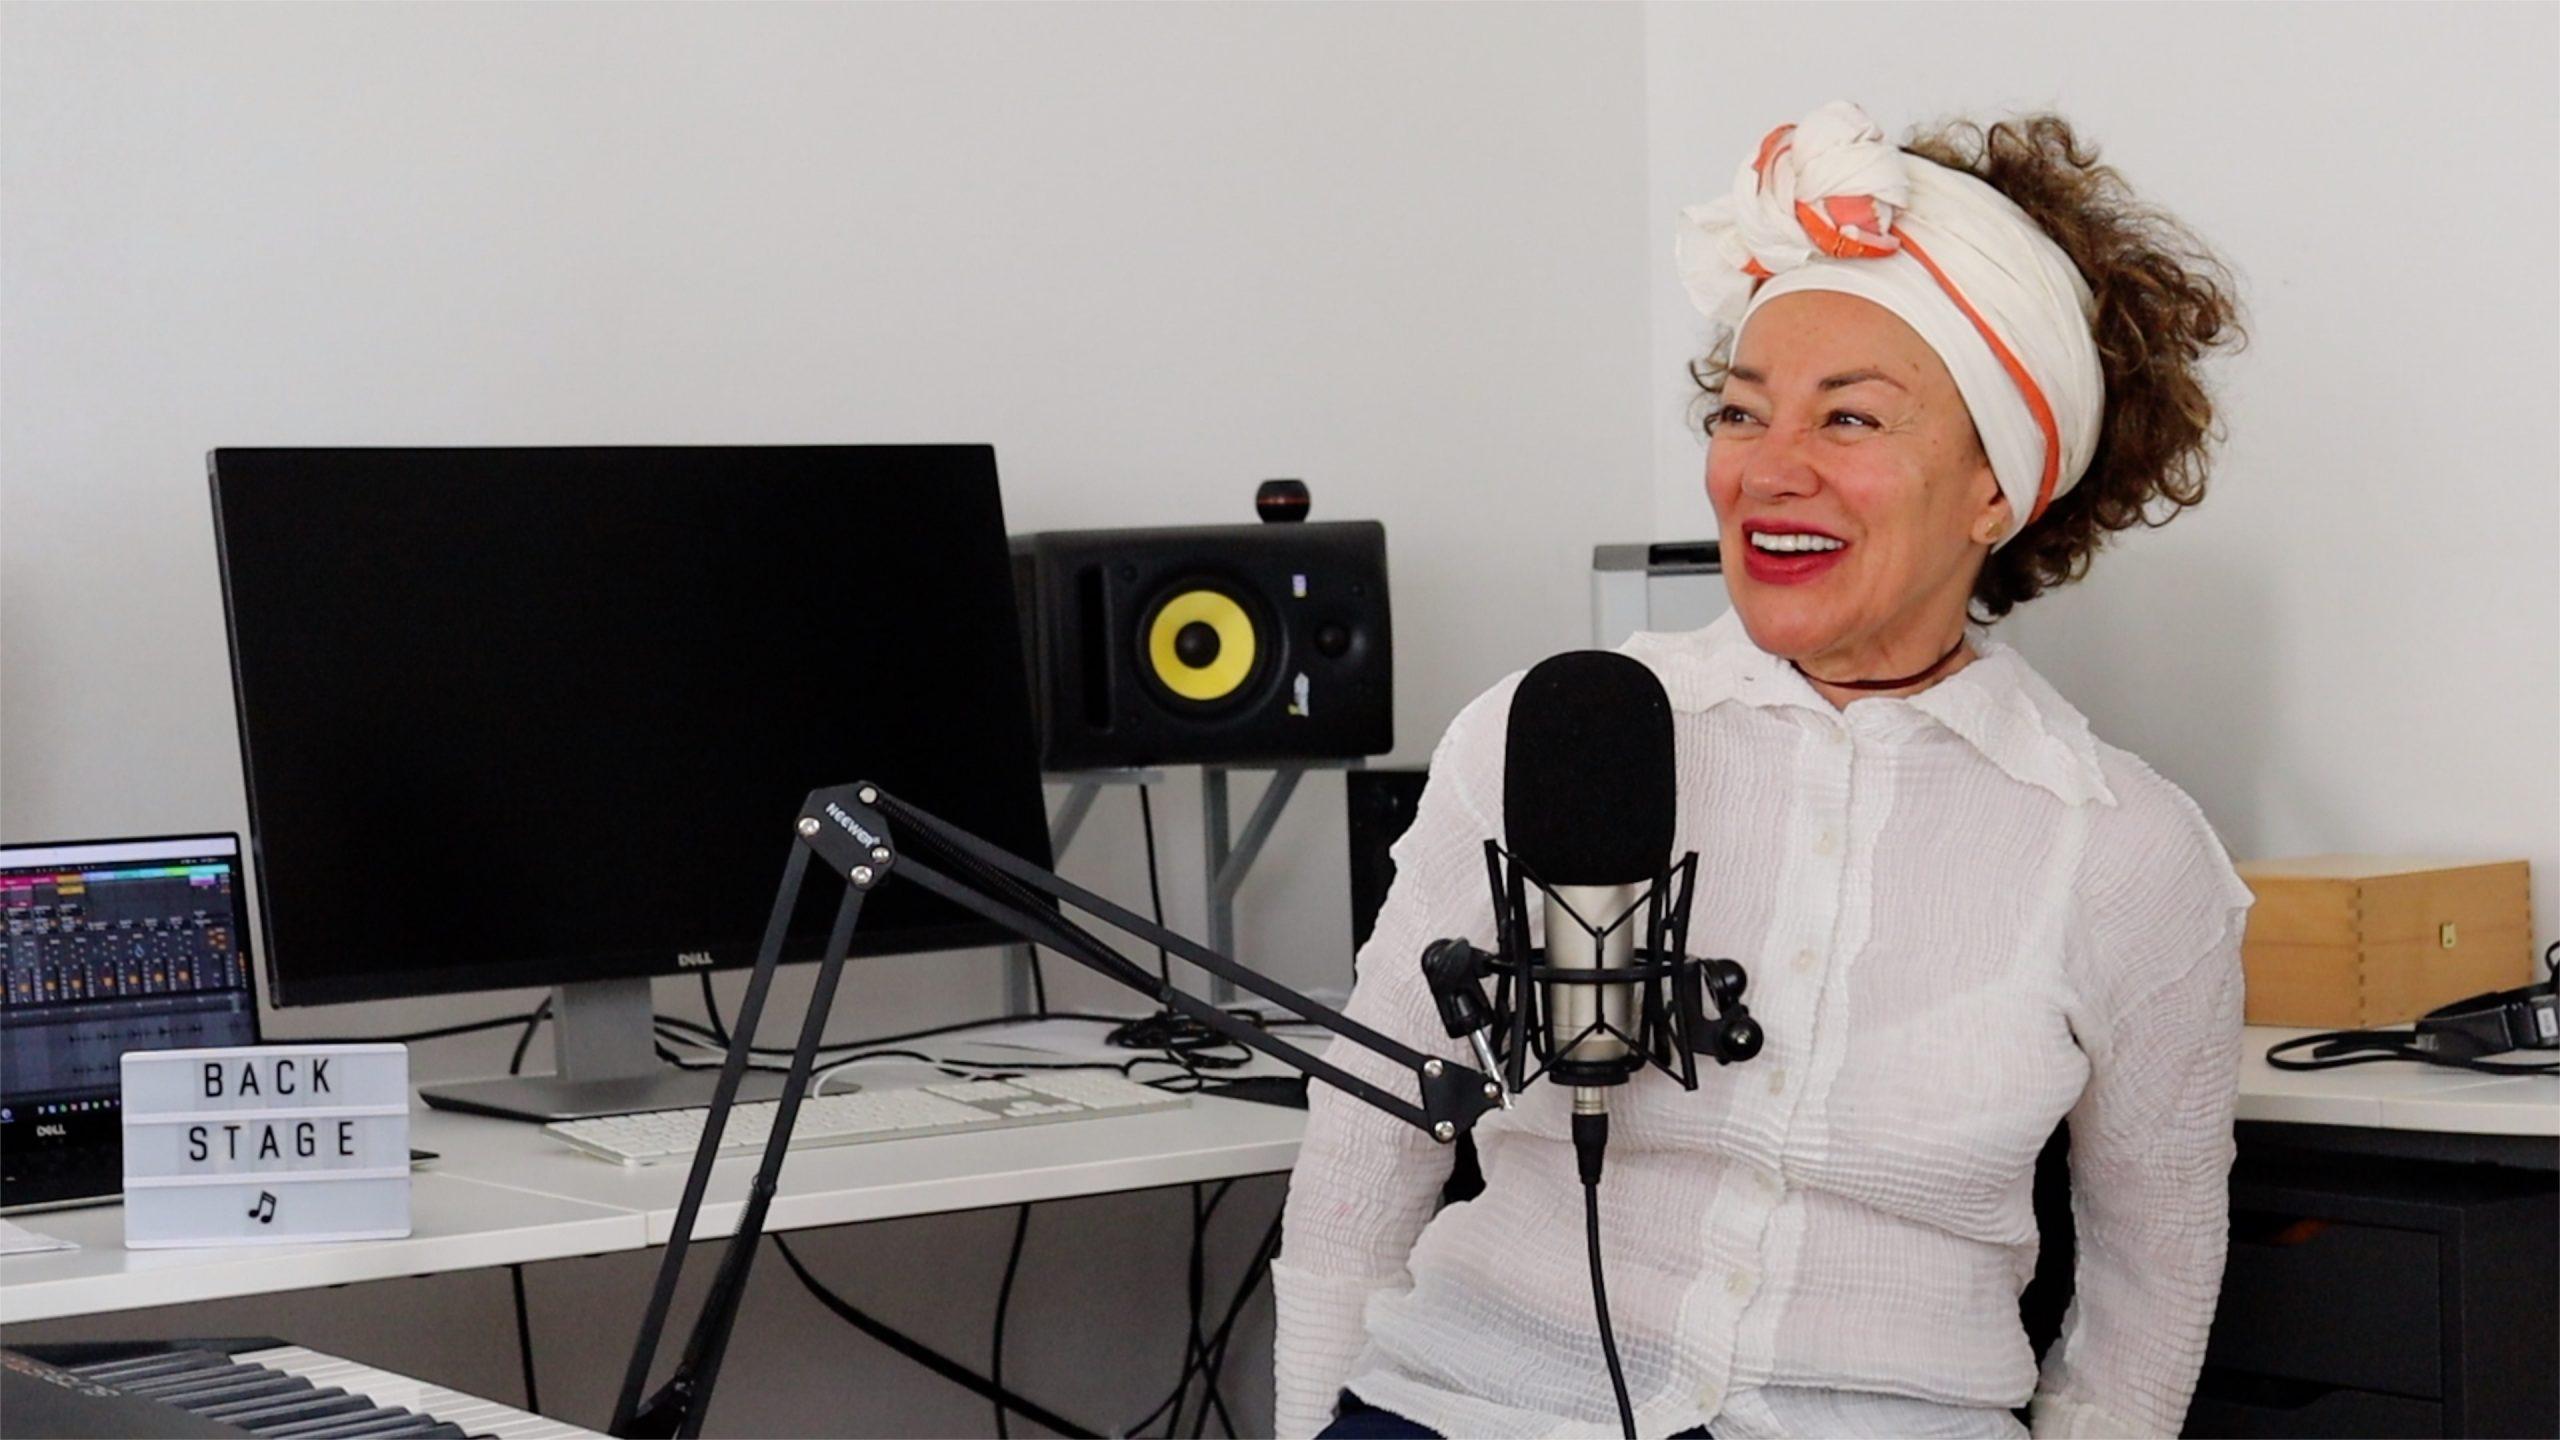 """Entrevista. Maria João: """"Tudo o que aprendi, aprendi fazendo"""""""